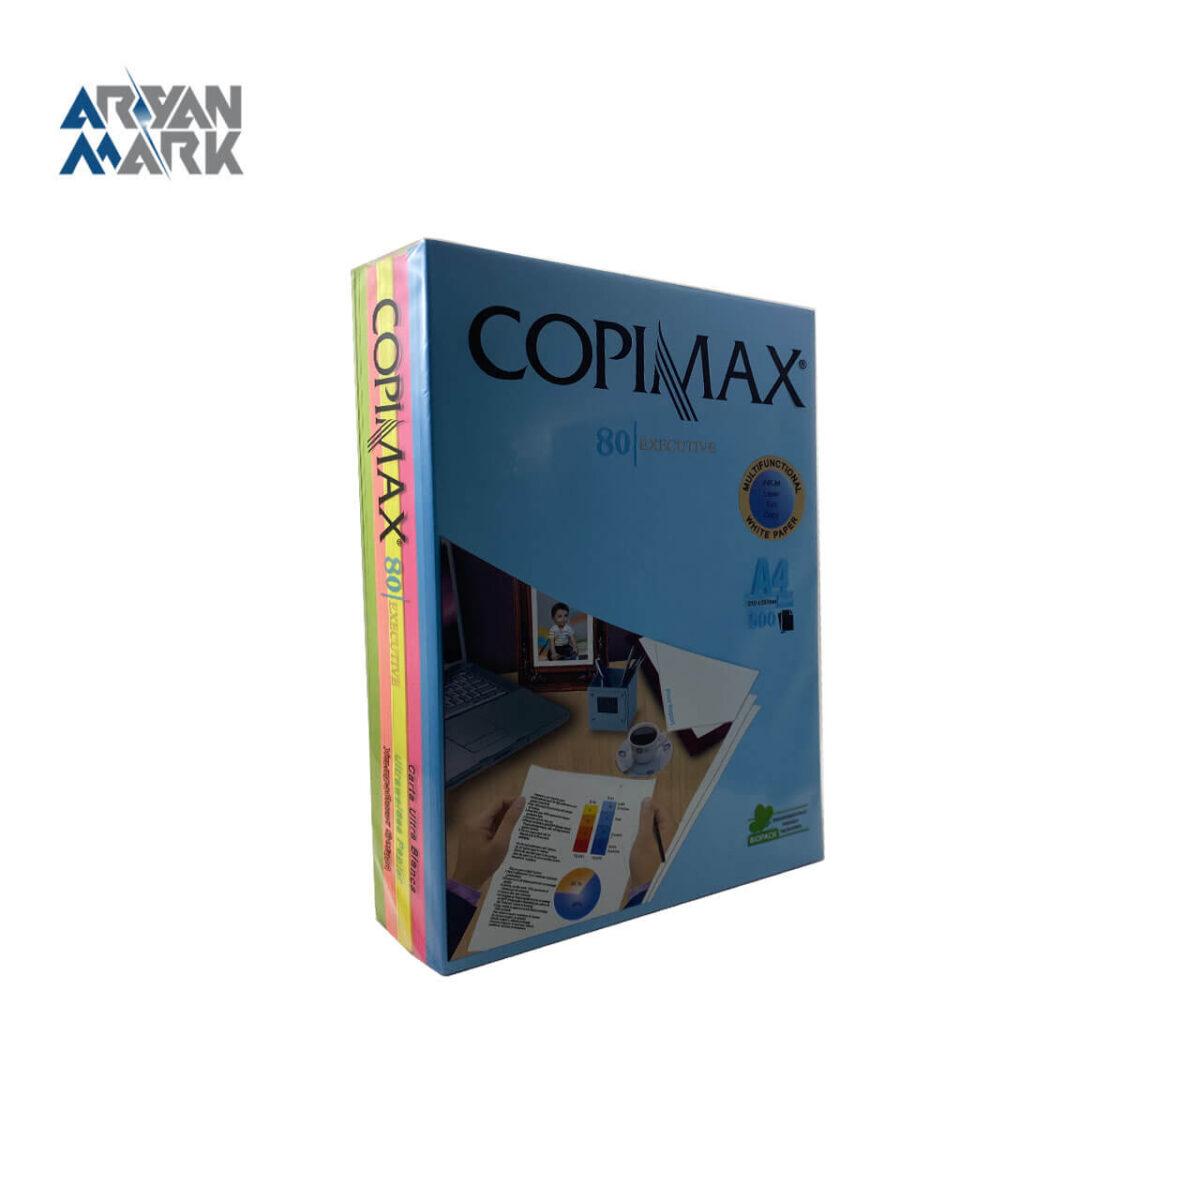 کاغذ A4 پنج رنگ 80 گرم Copimax اندونزی